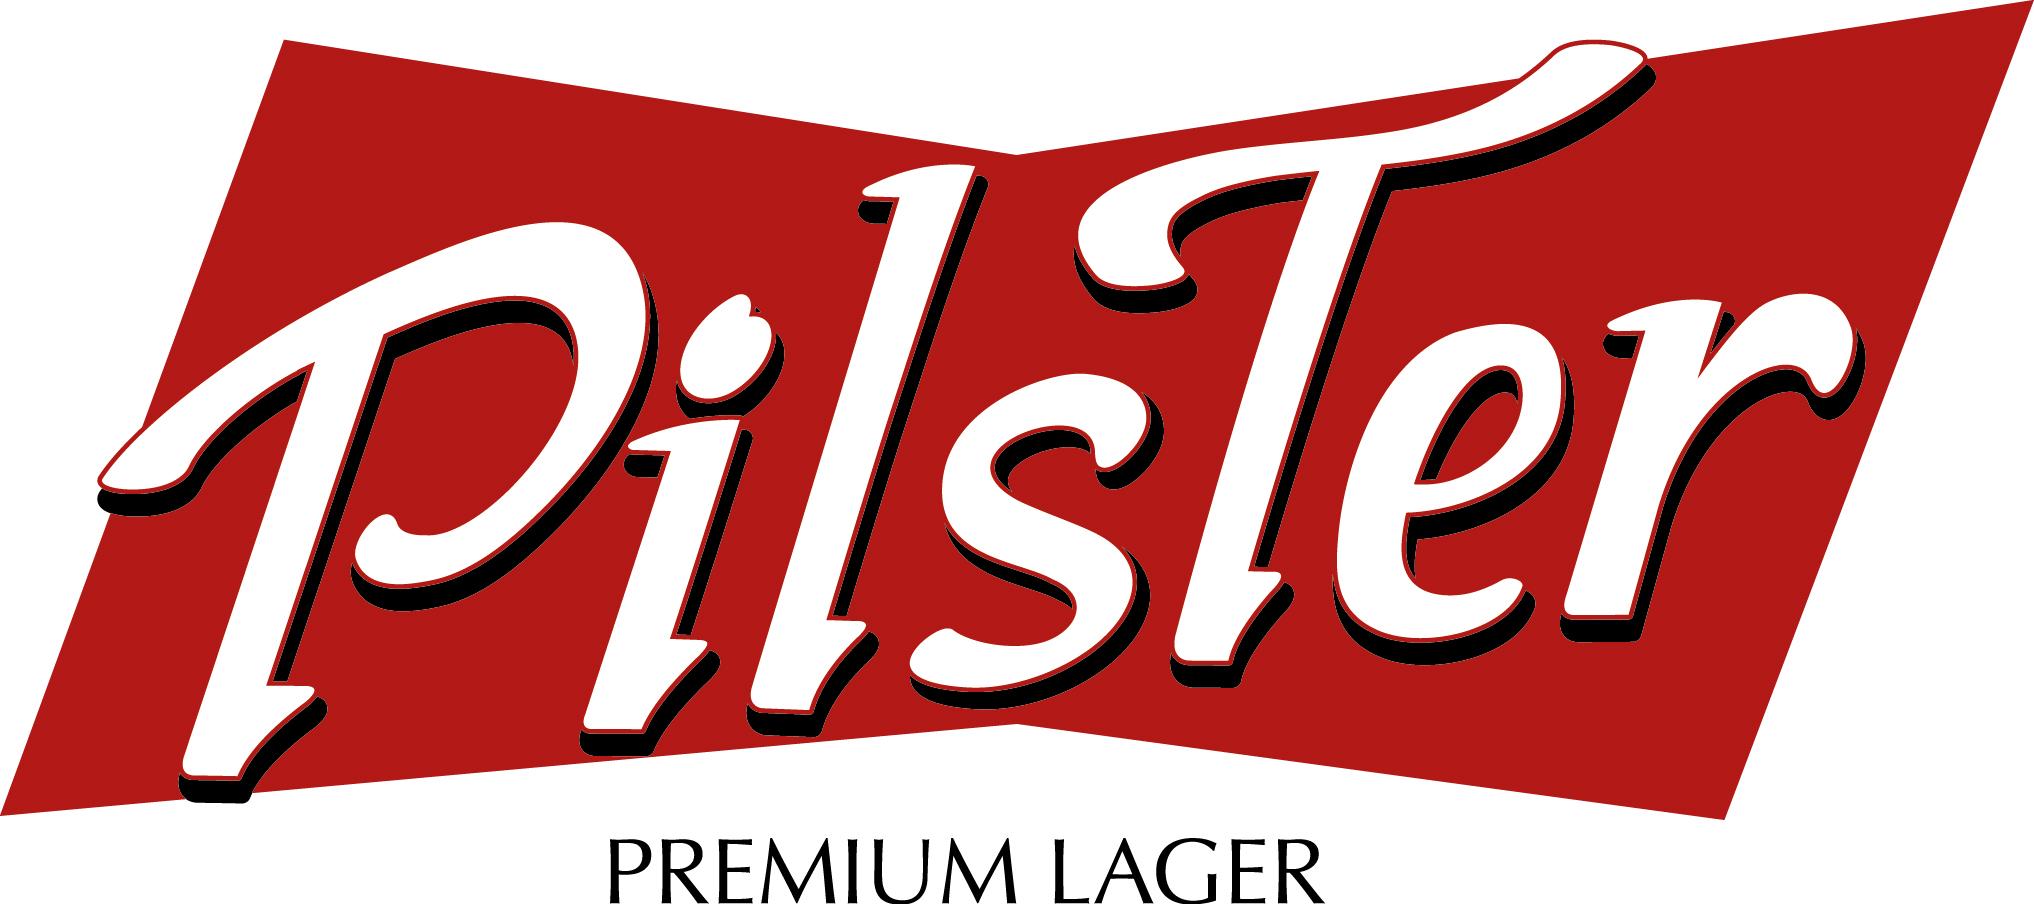 Pilster-estandar